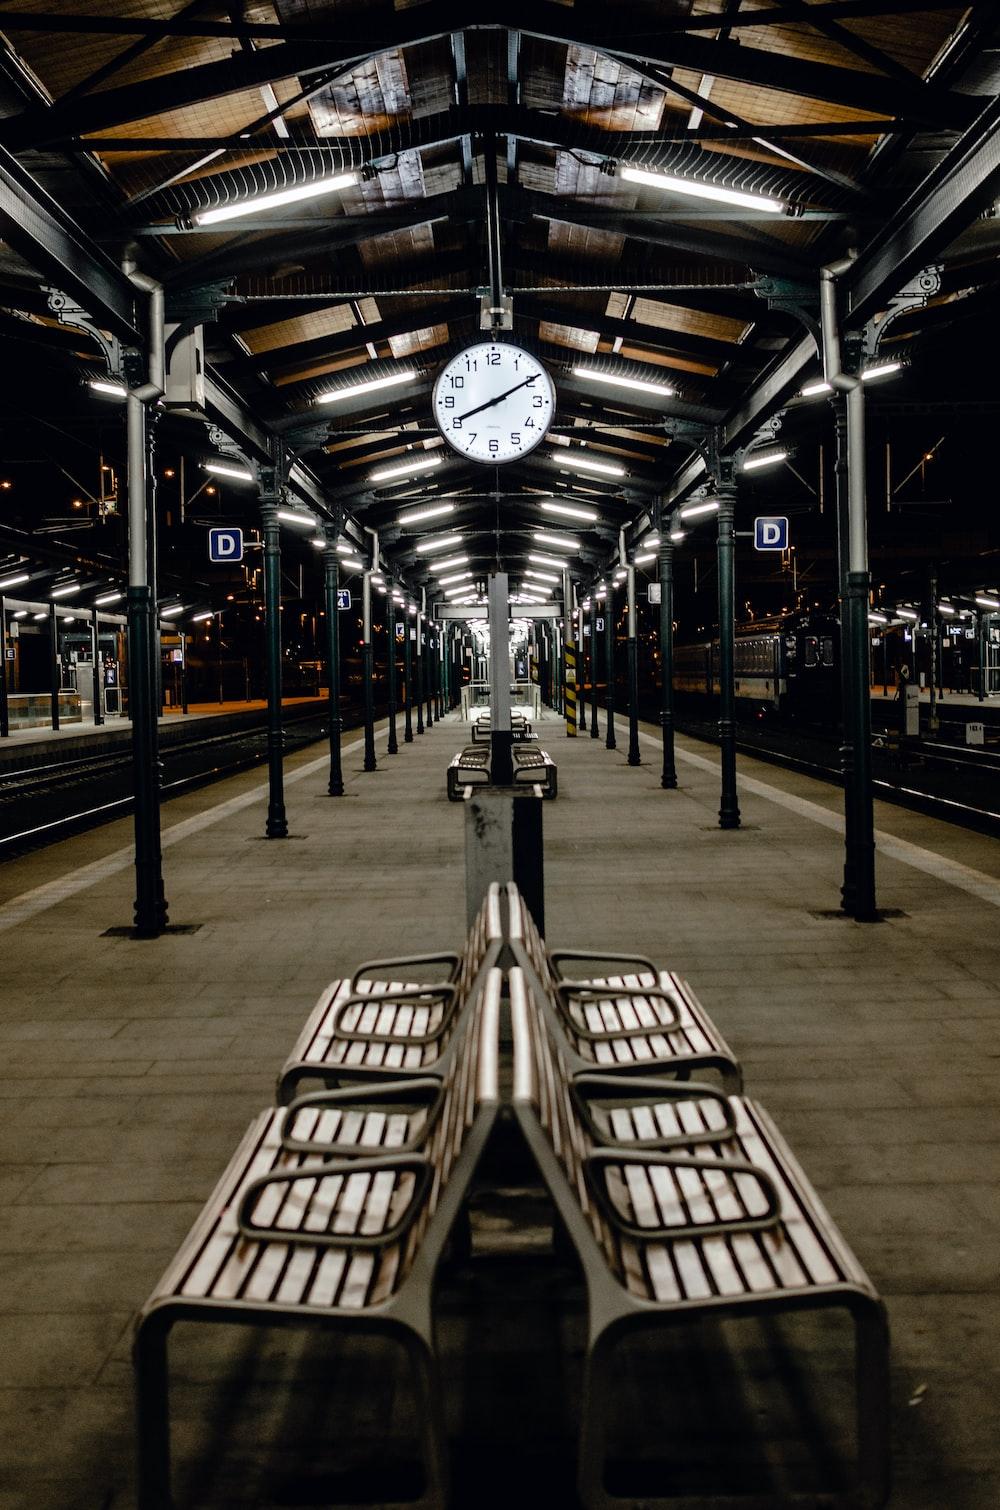 analog clock displaying 8:10